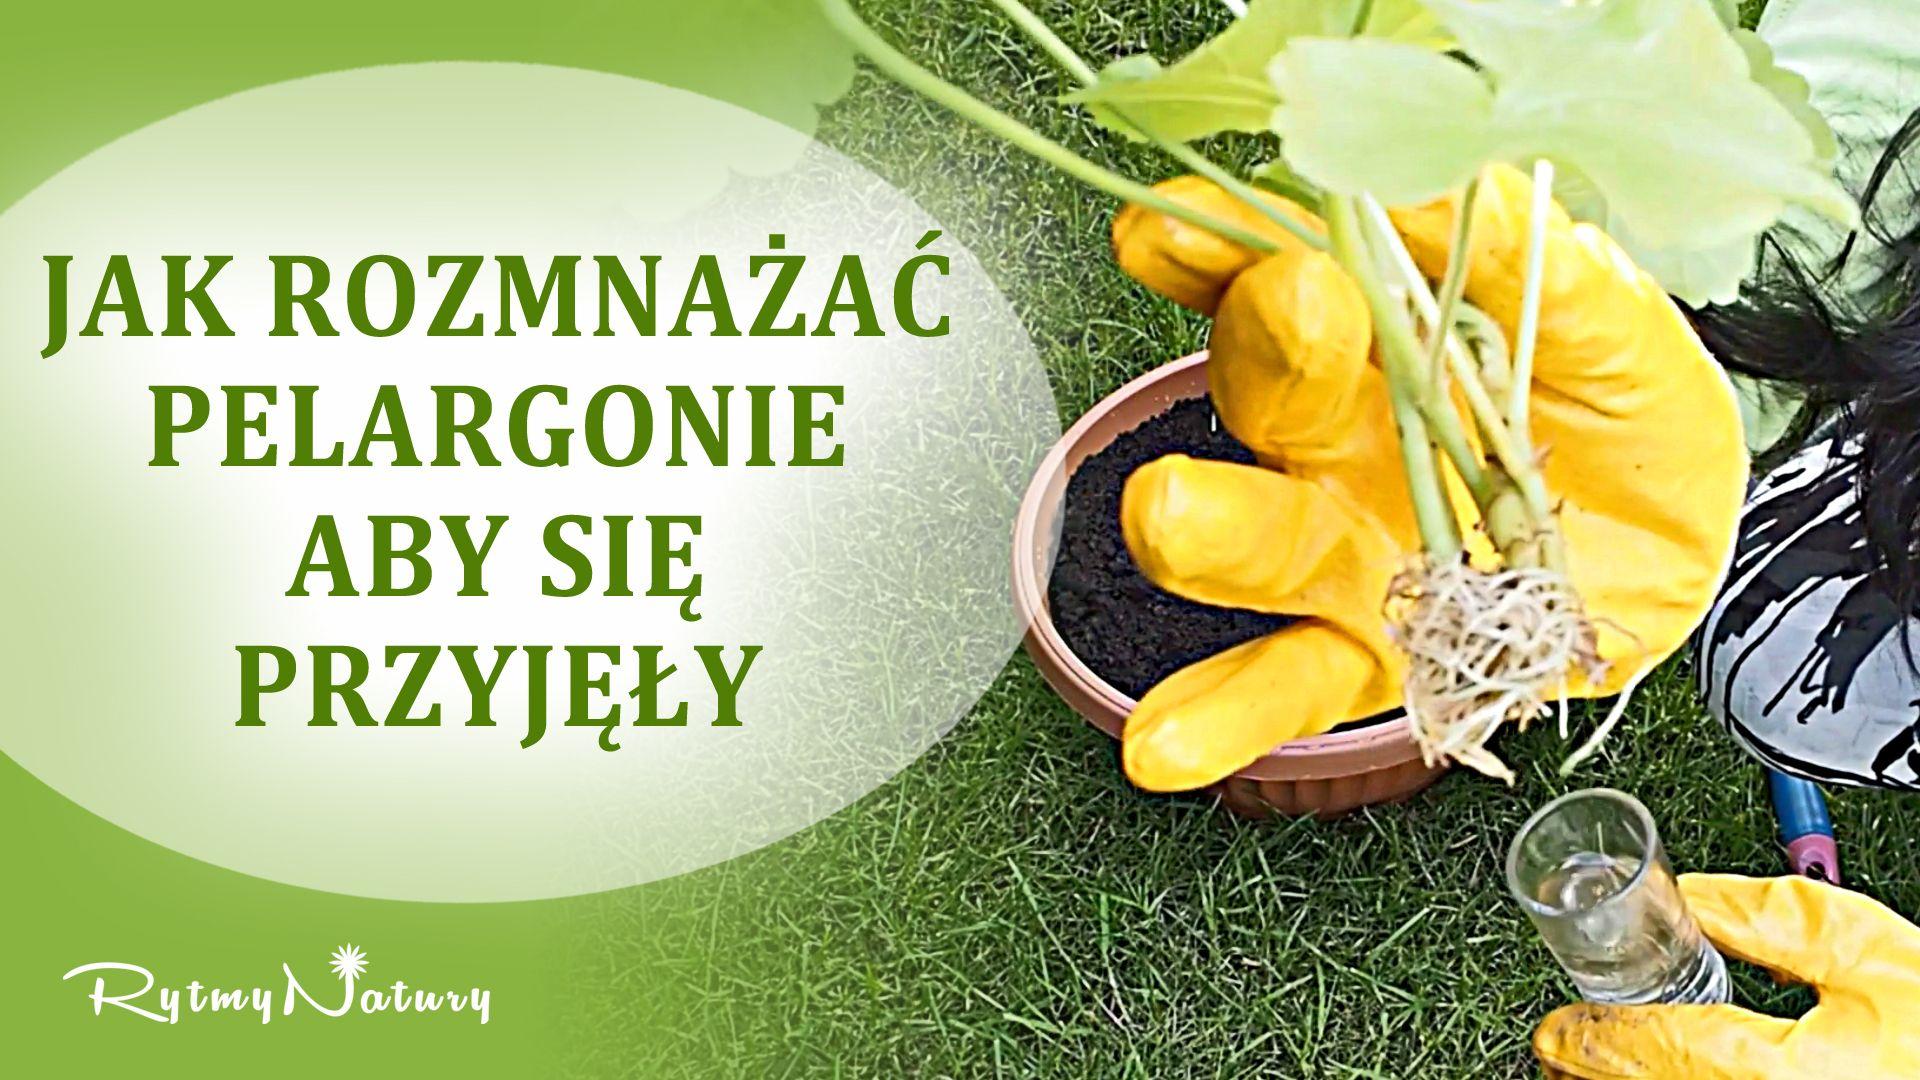 Jak Rozmnozyc Pelargonie Ze 100 Szansa Przyjecia Fruit Food